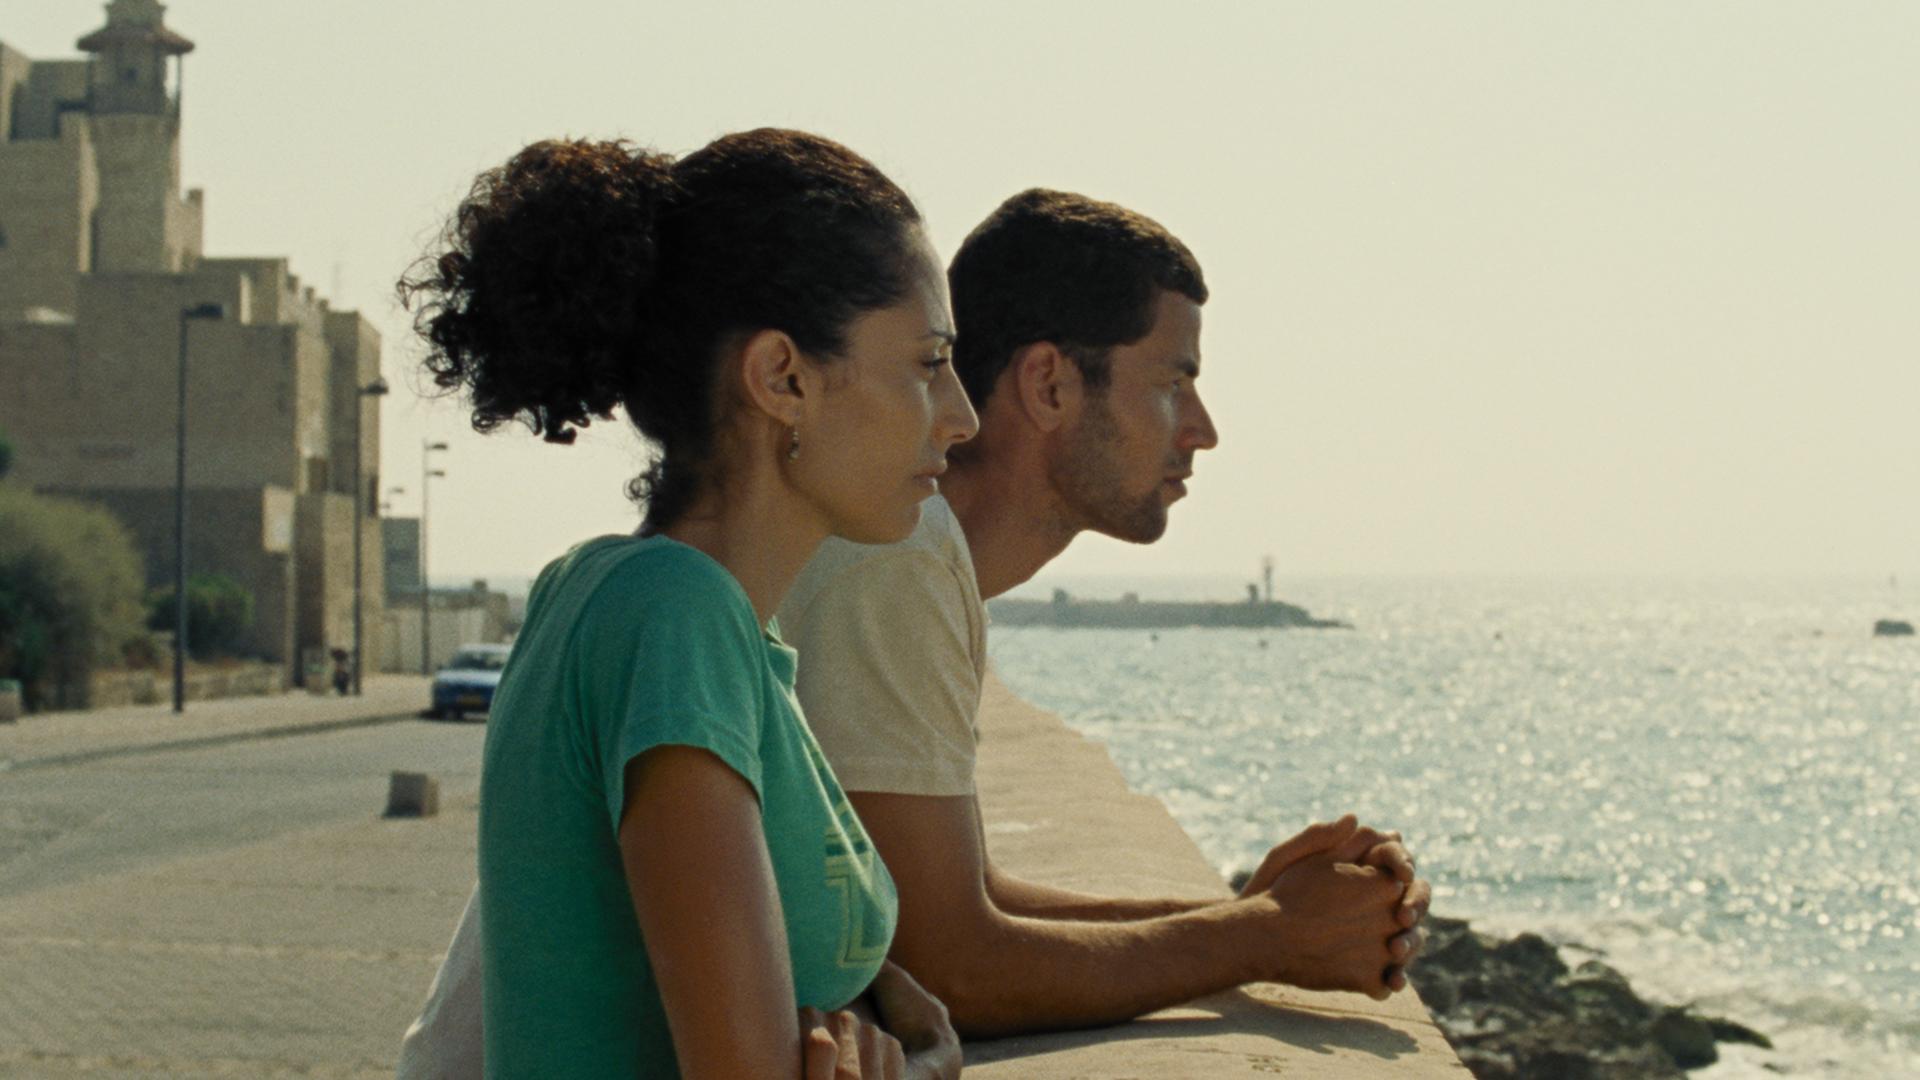 عن تطور الخطاب الفلسطيني في السينما.. «ملح هذا البحر» نموذجاً